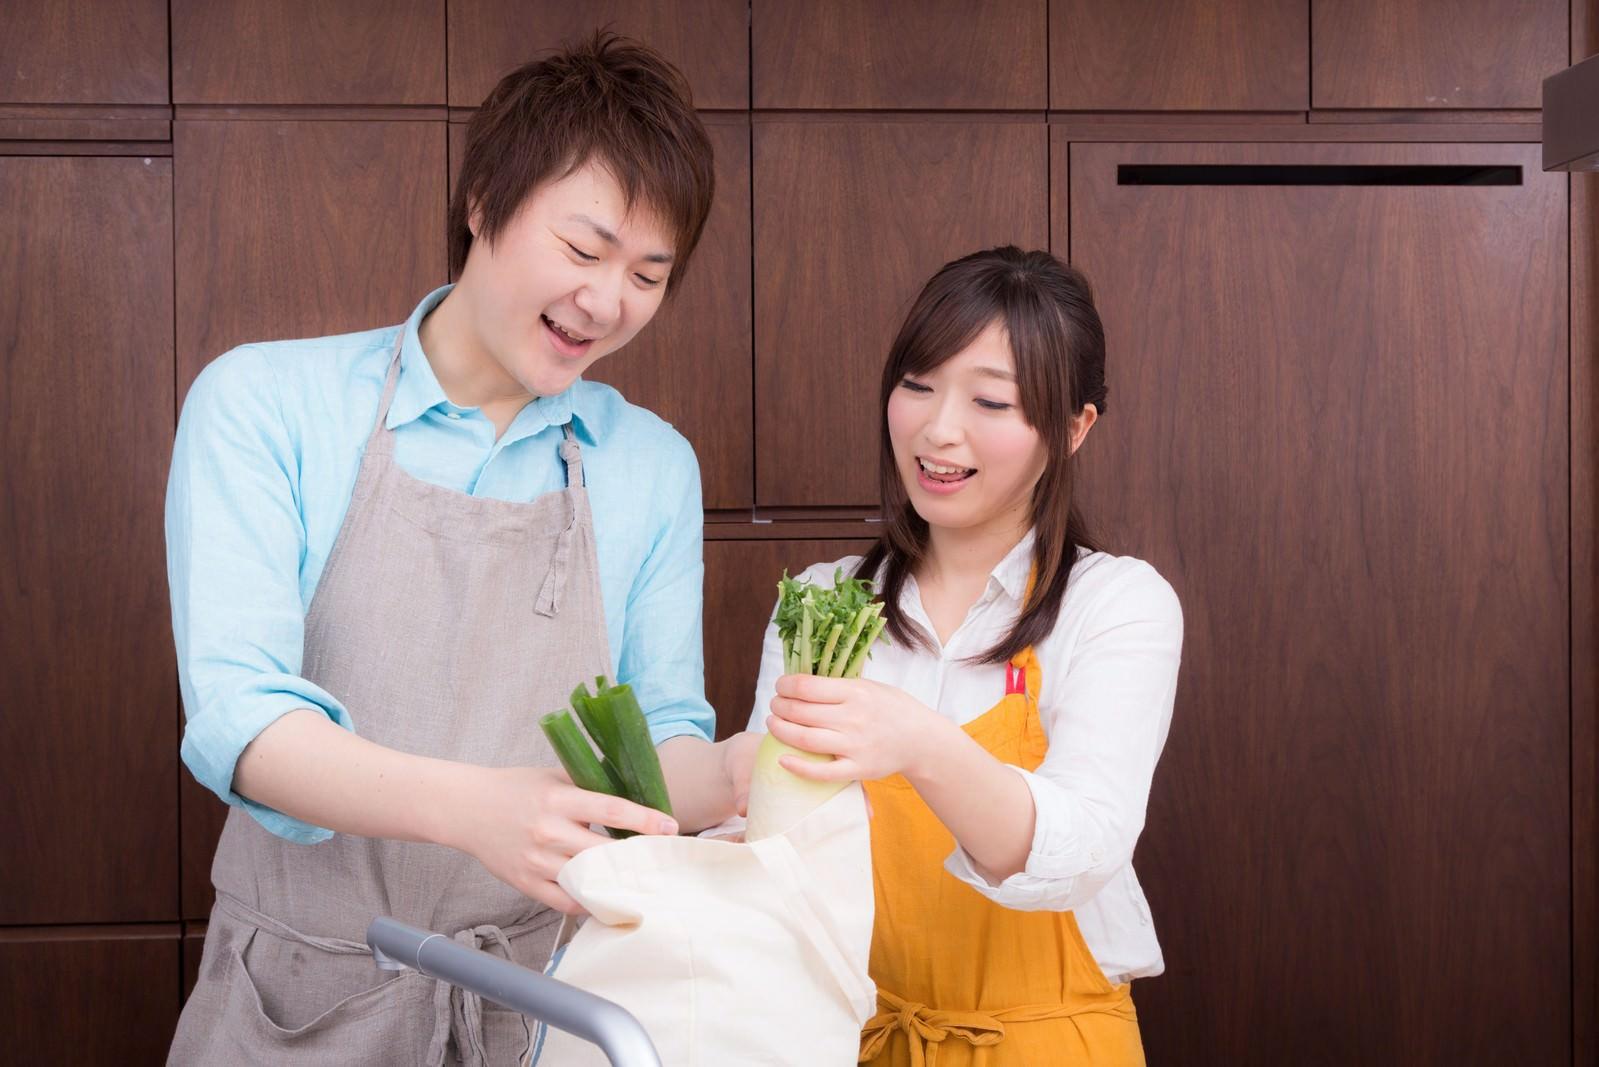 「買い物袋から野菜を取り出して料理を始める二人買い物袋から野菜を取り出して料理を始める二人」[モデル:五十嵐夫妻]のフリー写真素材を拡大